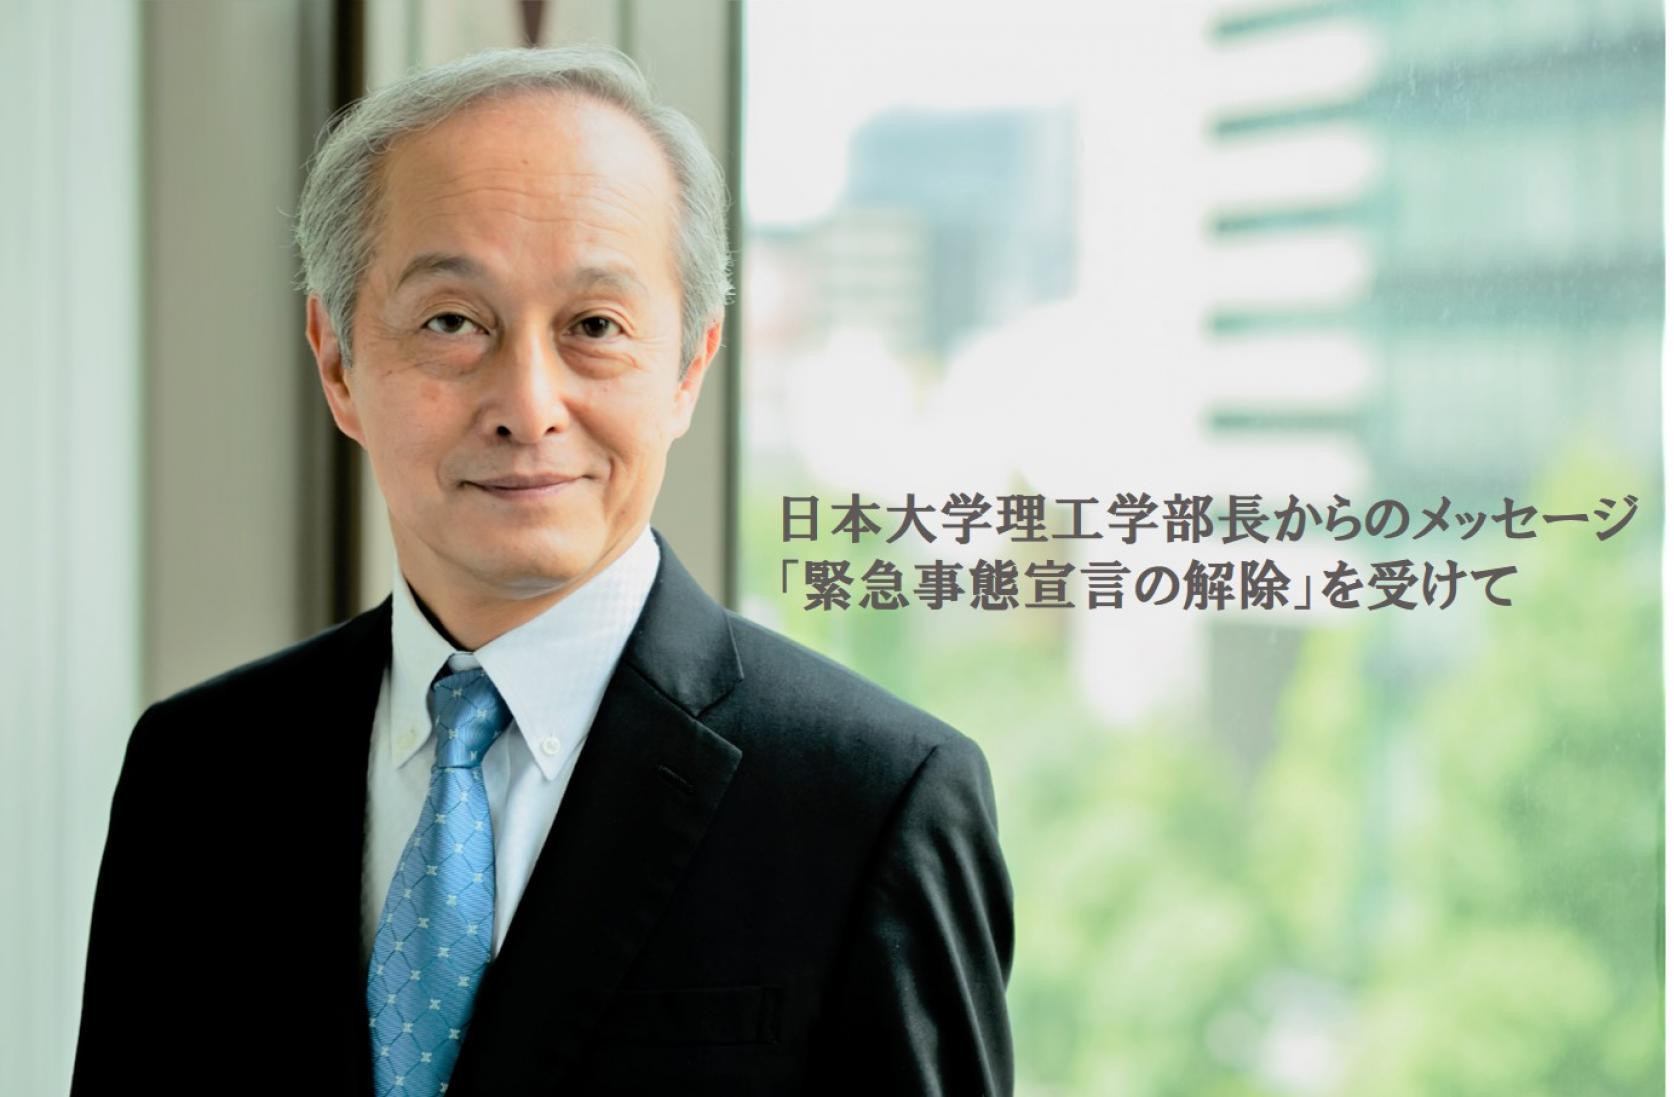 <日本大学理工学部長からのメッセージ>「緊急事態宣言の解除」を受けて